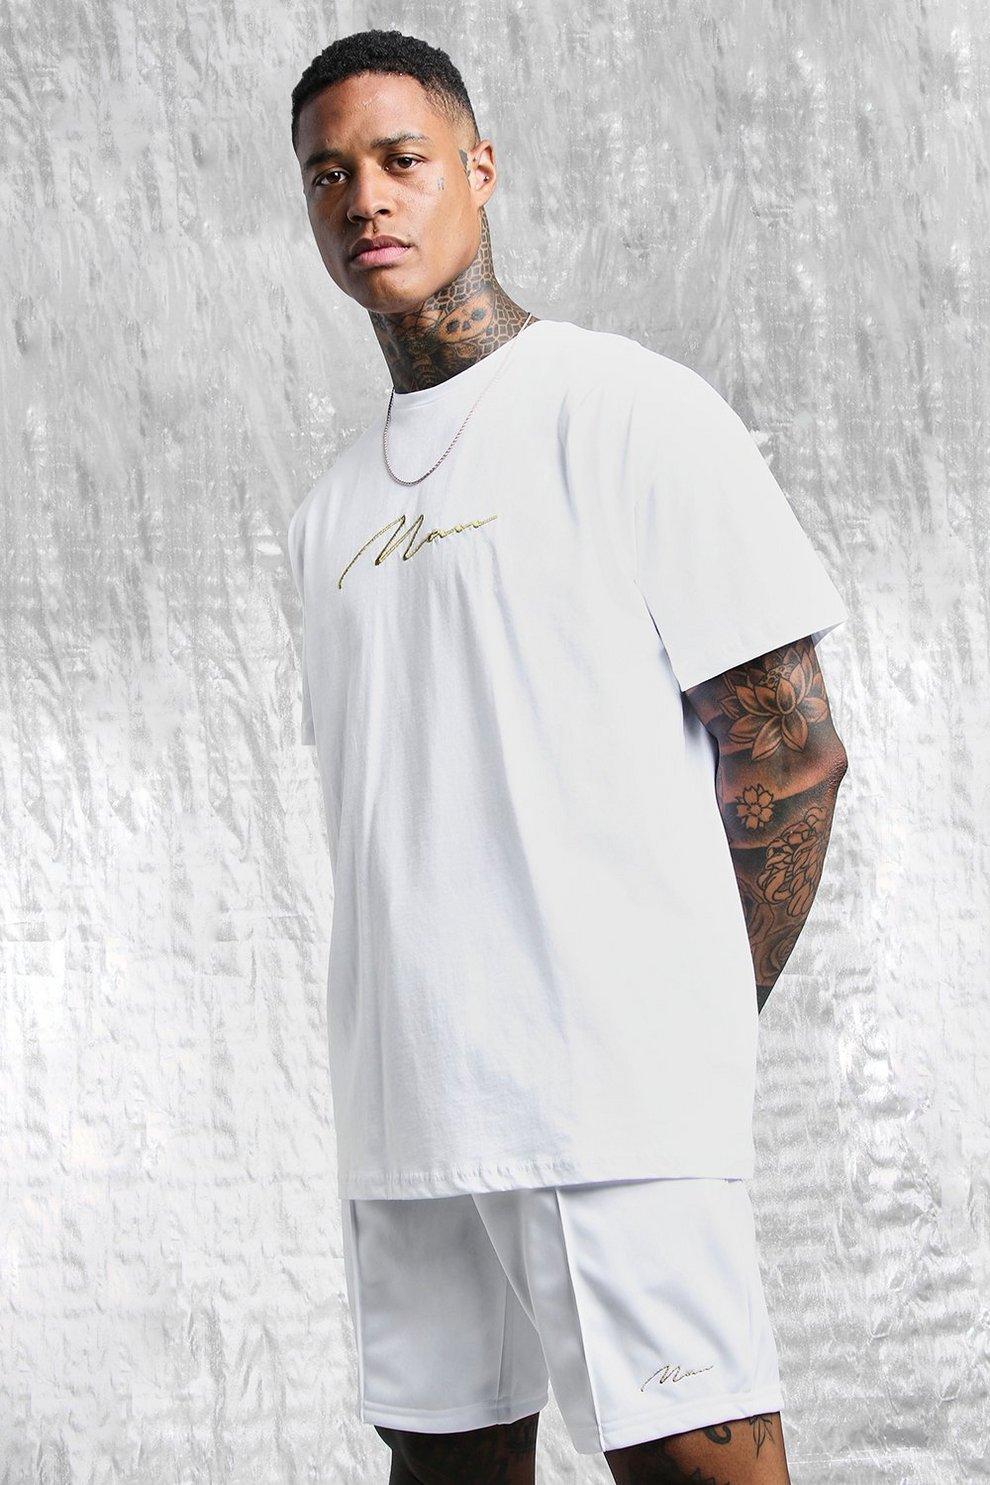 bc735001e6 T-shirt oversize bianco e oro con stampa MAN sul retro   Boohoo